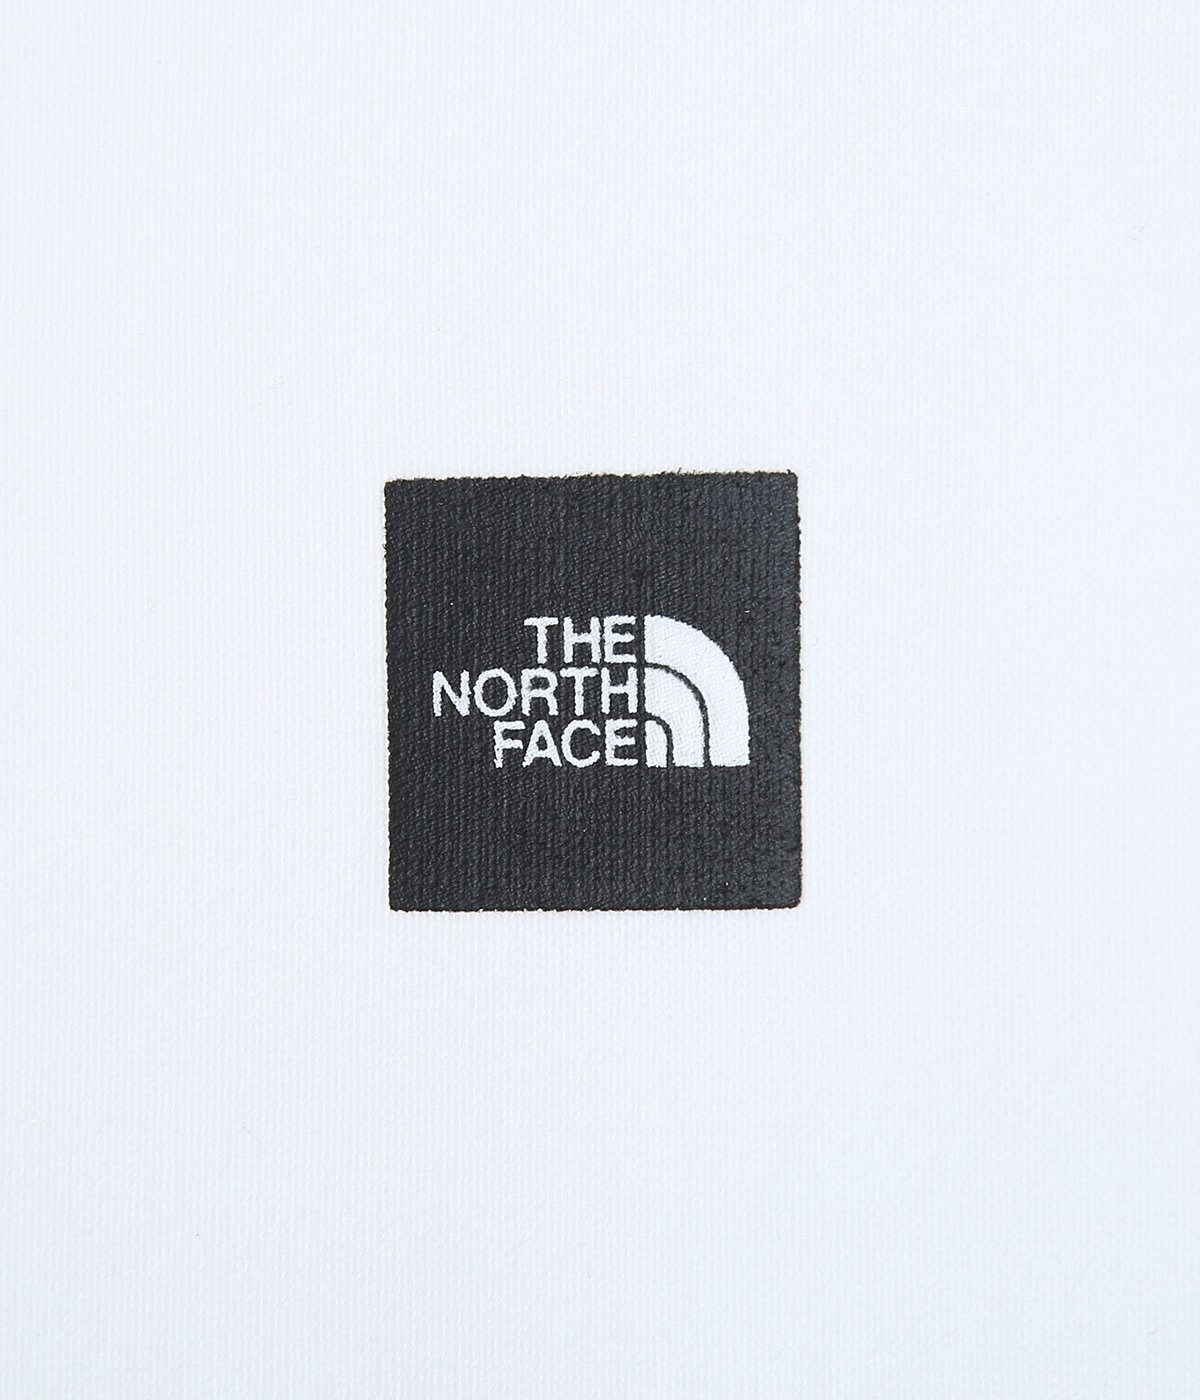 S/S Small Box Logo Tee